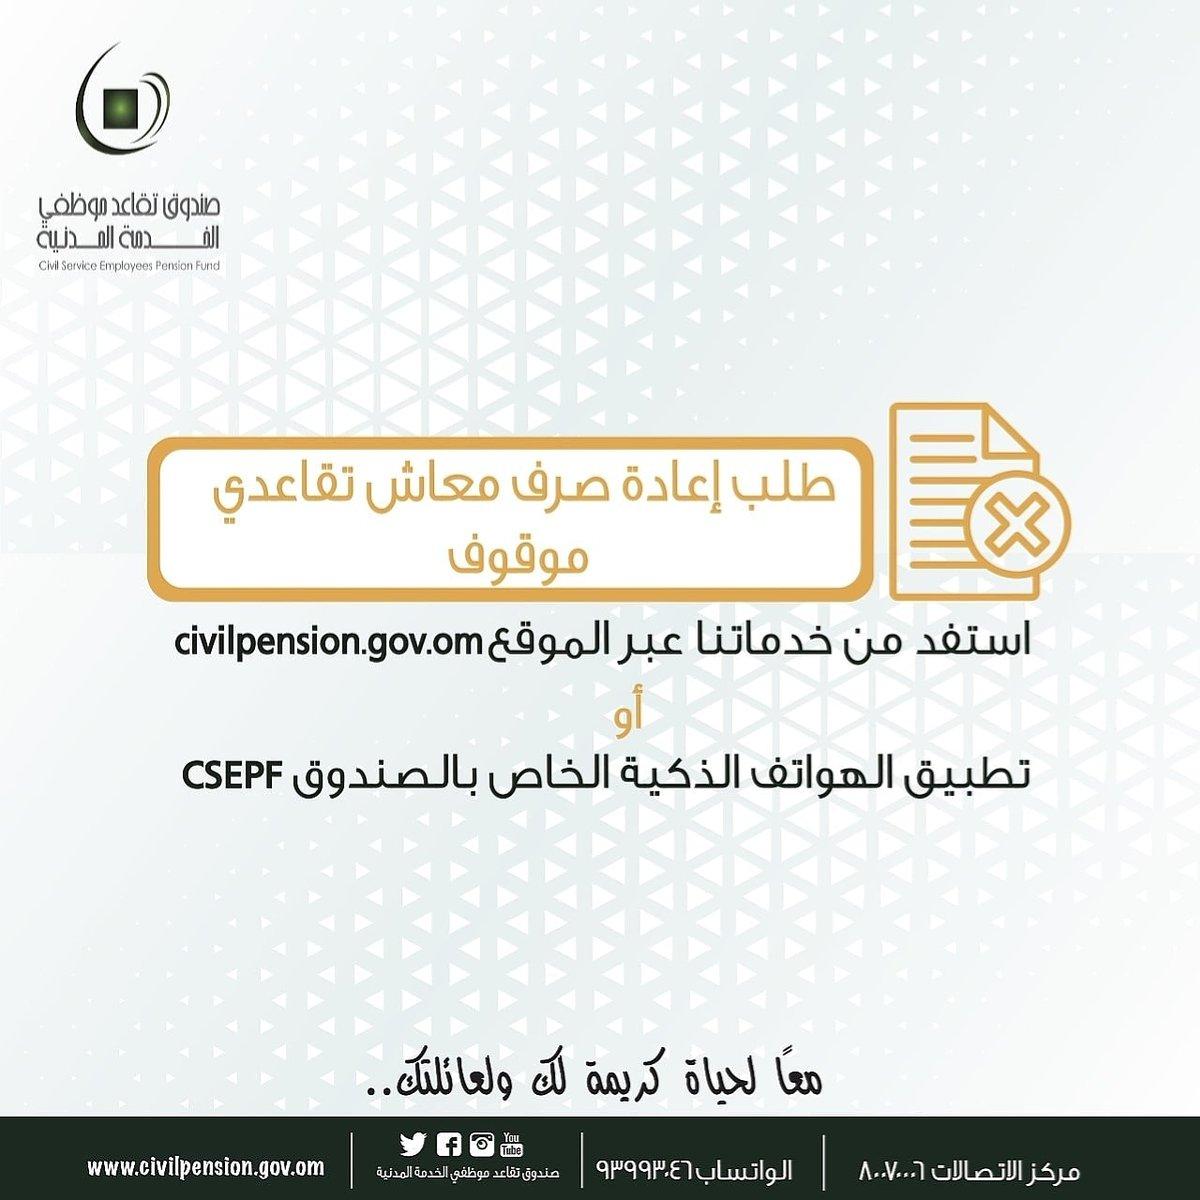 صندوق تقاعد موظفي الخدمة المدنية ع مان Csepf Twitter